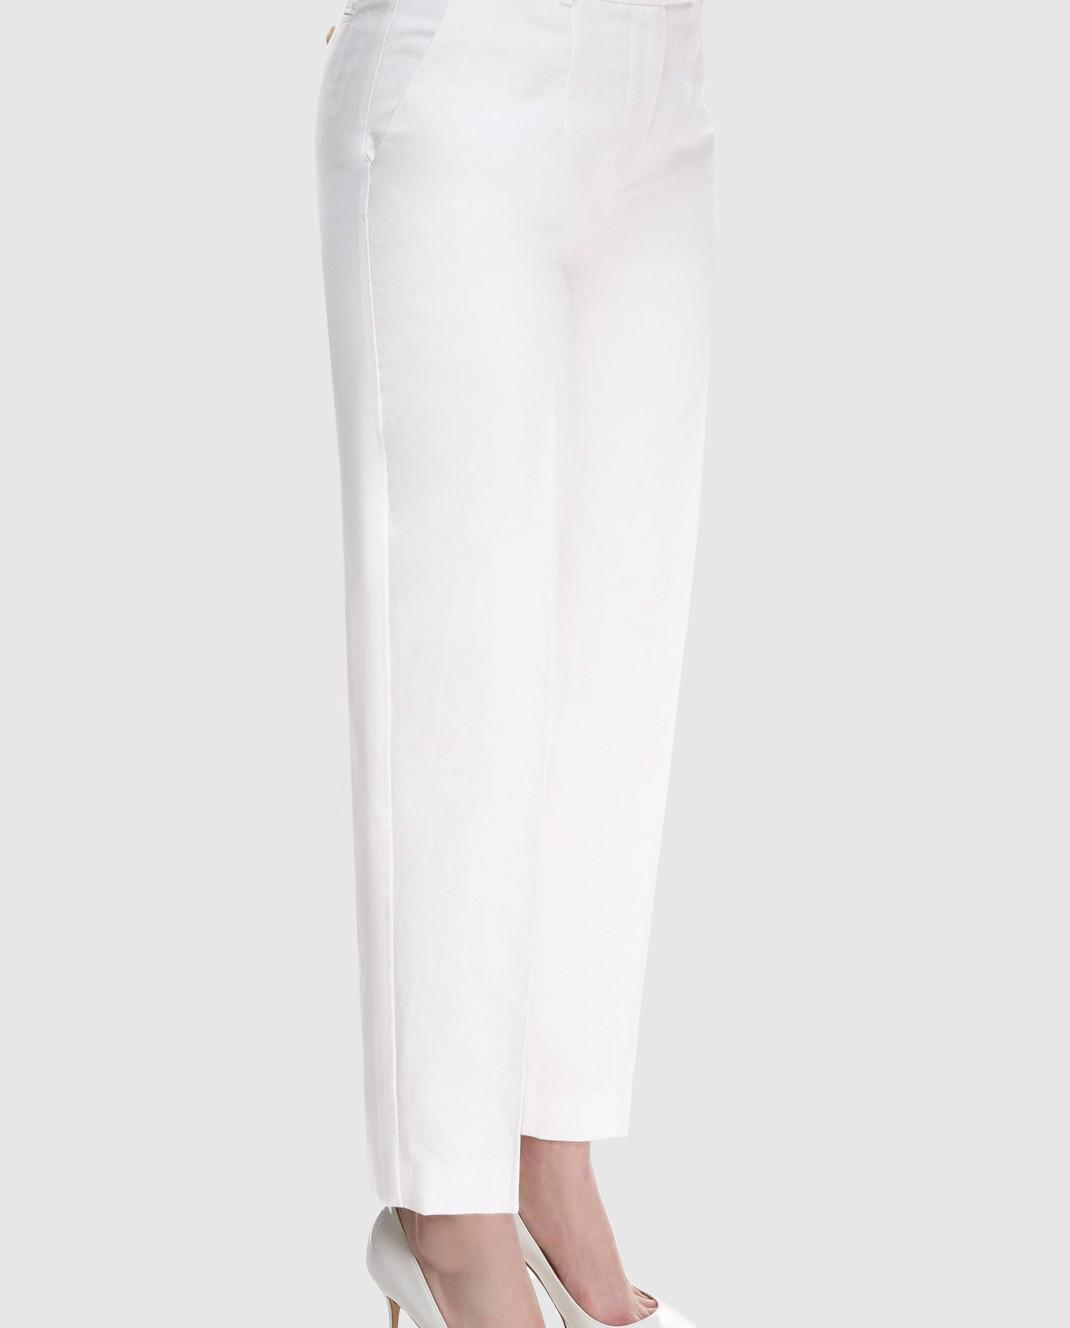 Alexander Terekhov Белые брюки P119 изображение 4